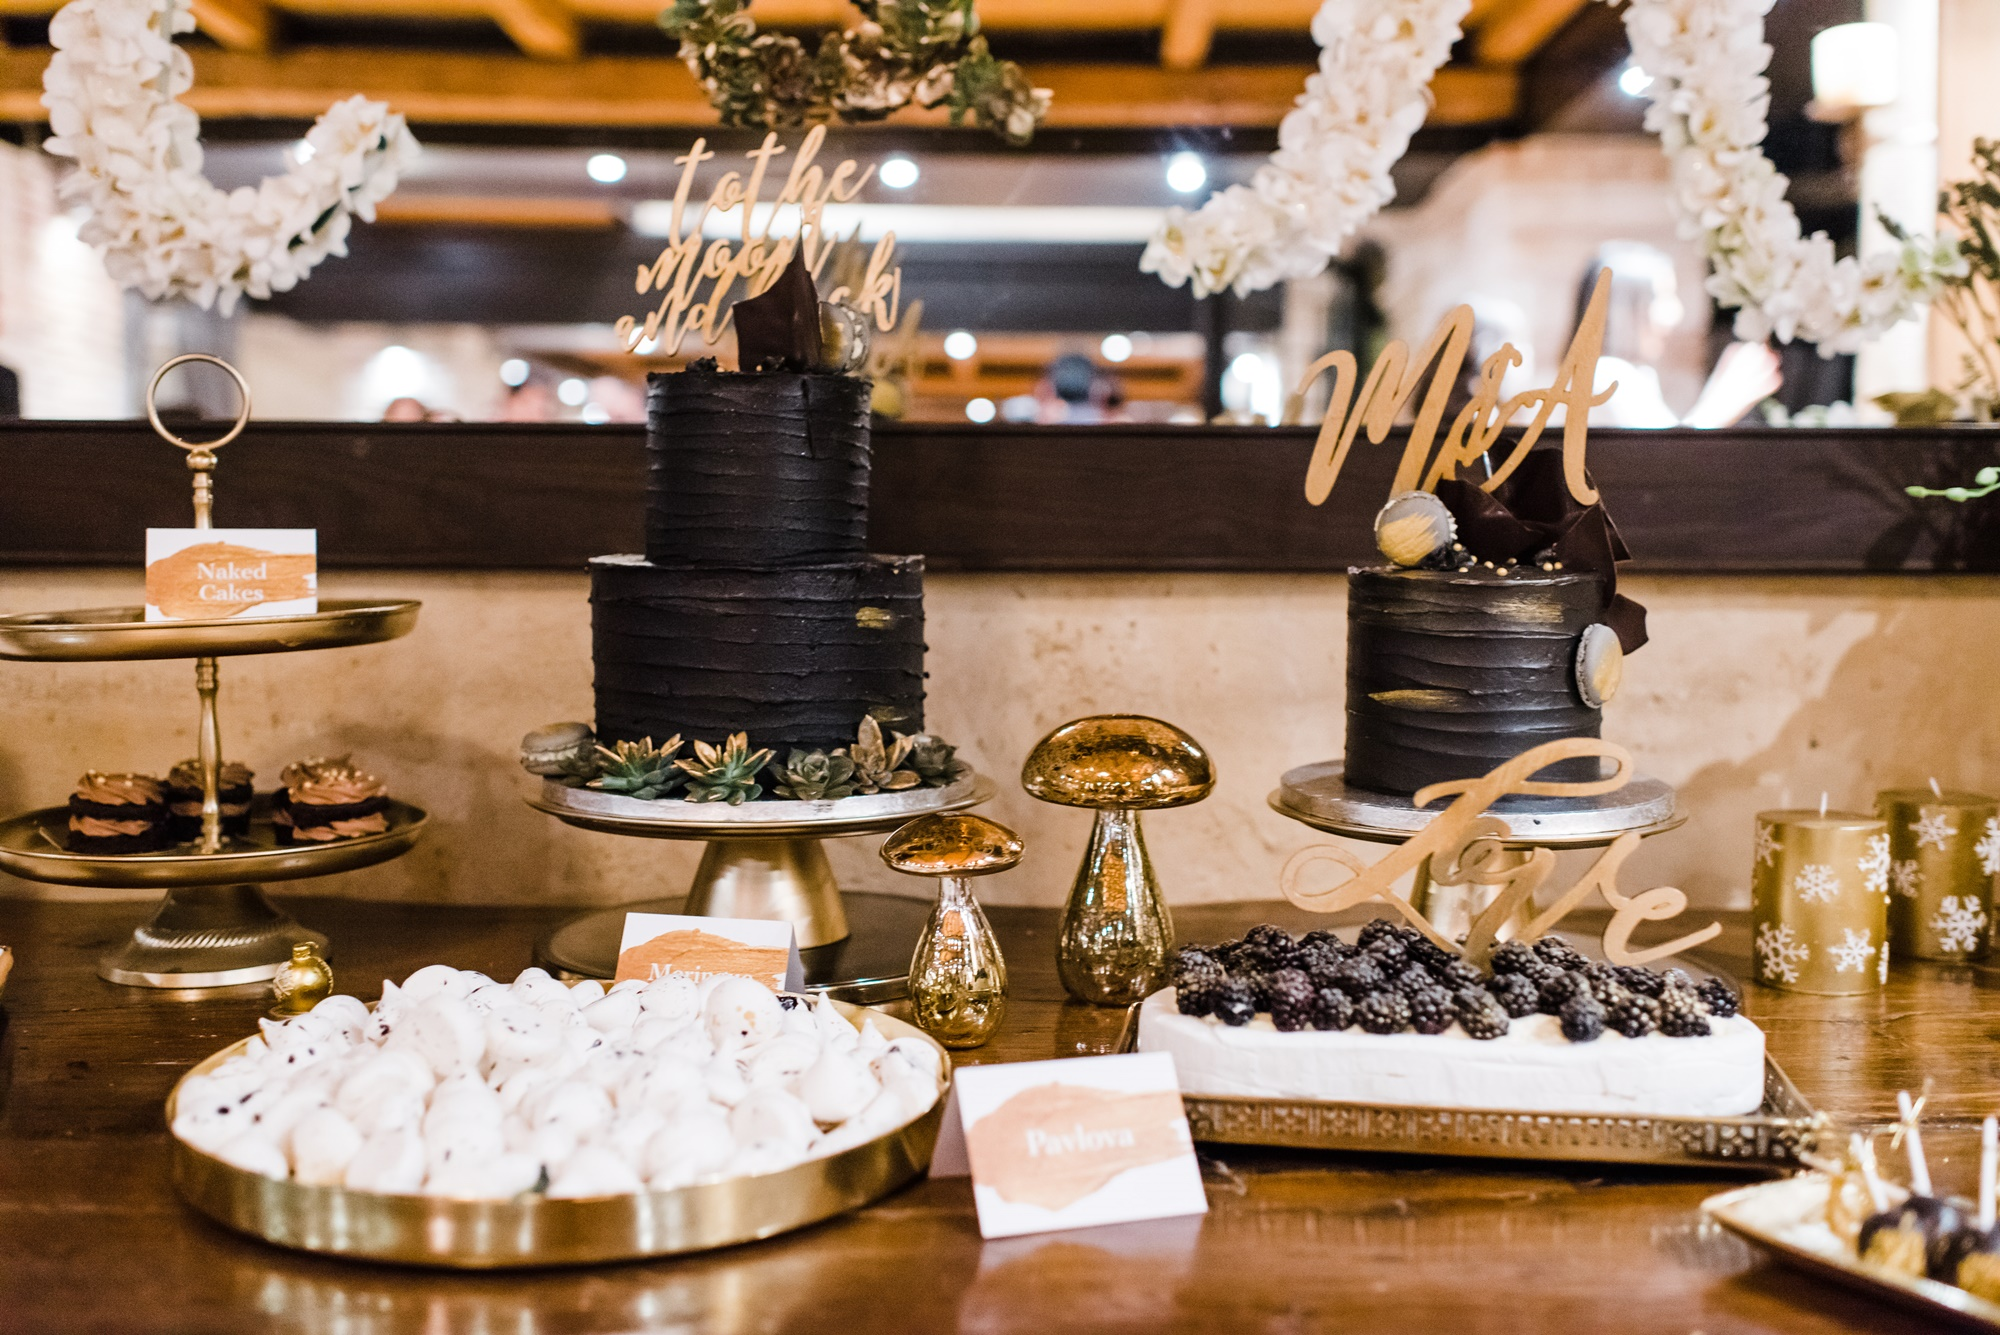 γαμήλιο τραπέζι γλυκών με μαύρες τούρτες